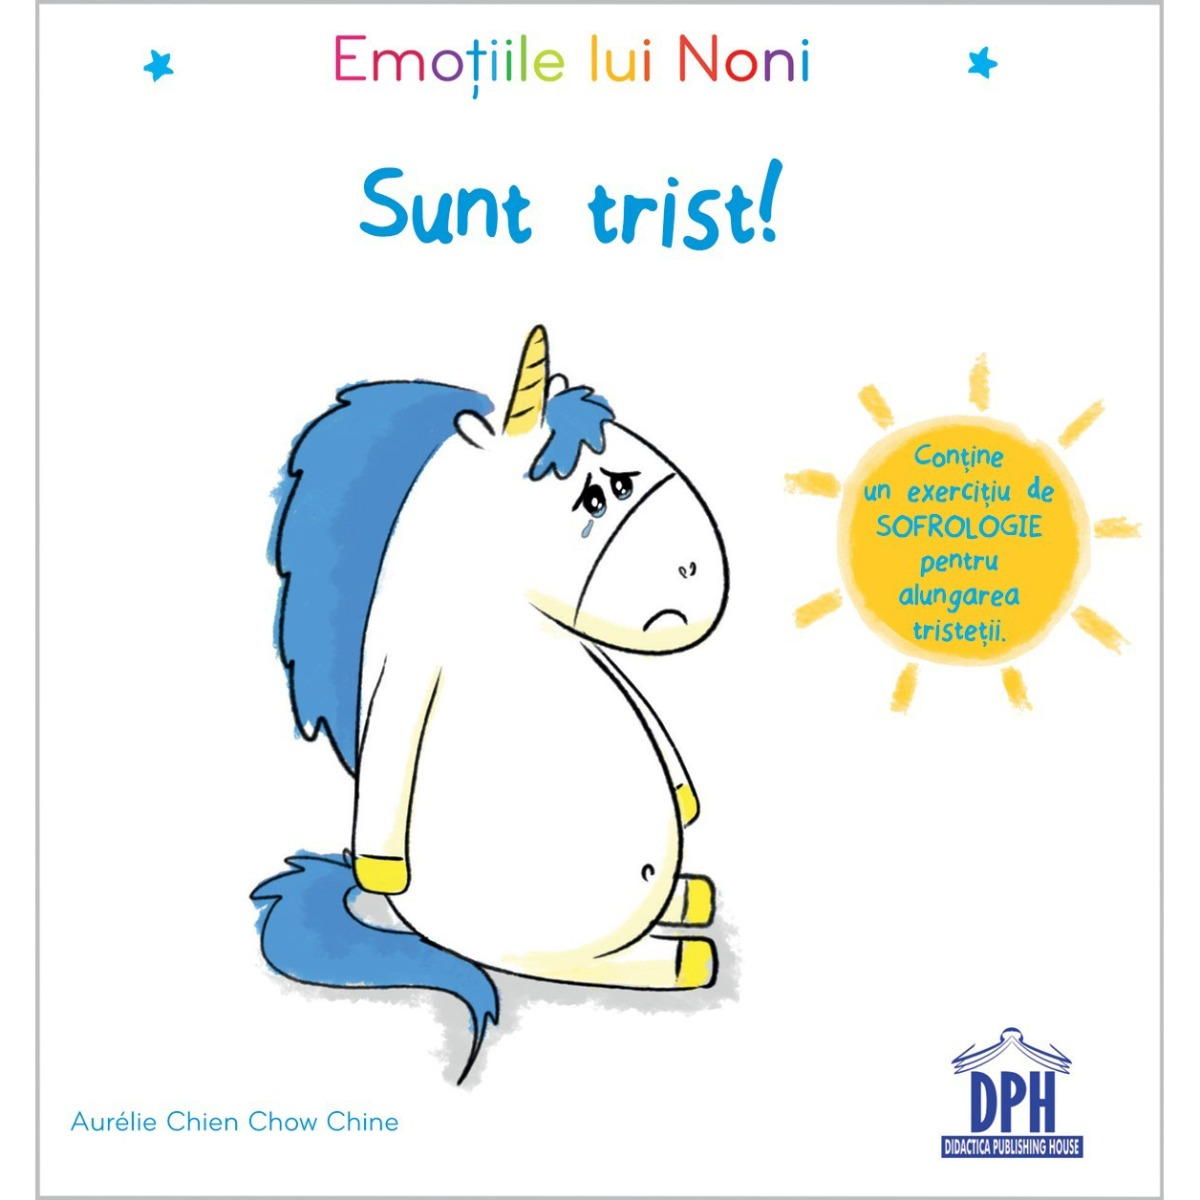 Carte Emotiile lui Noni- sunt trist!, Editura DPH imagine 2021